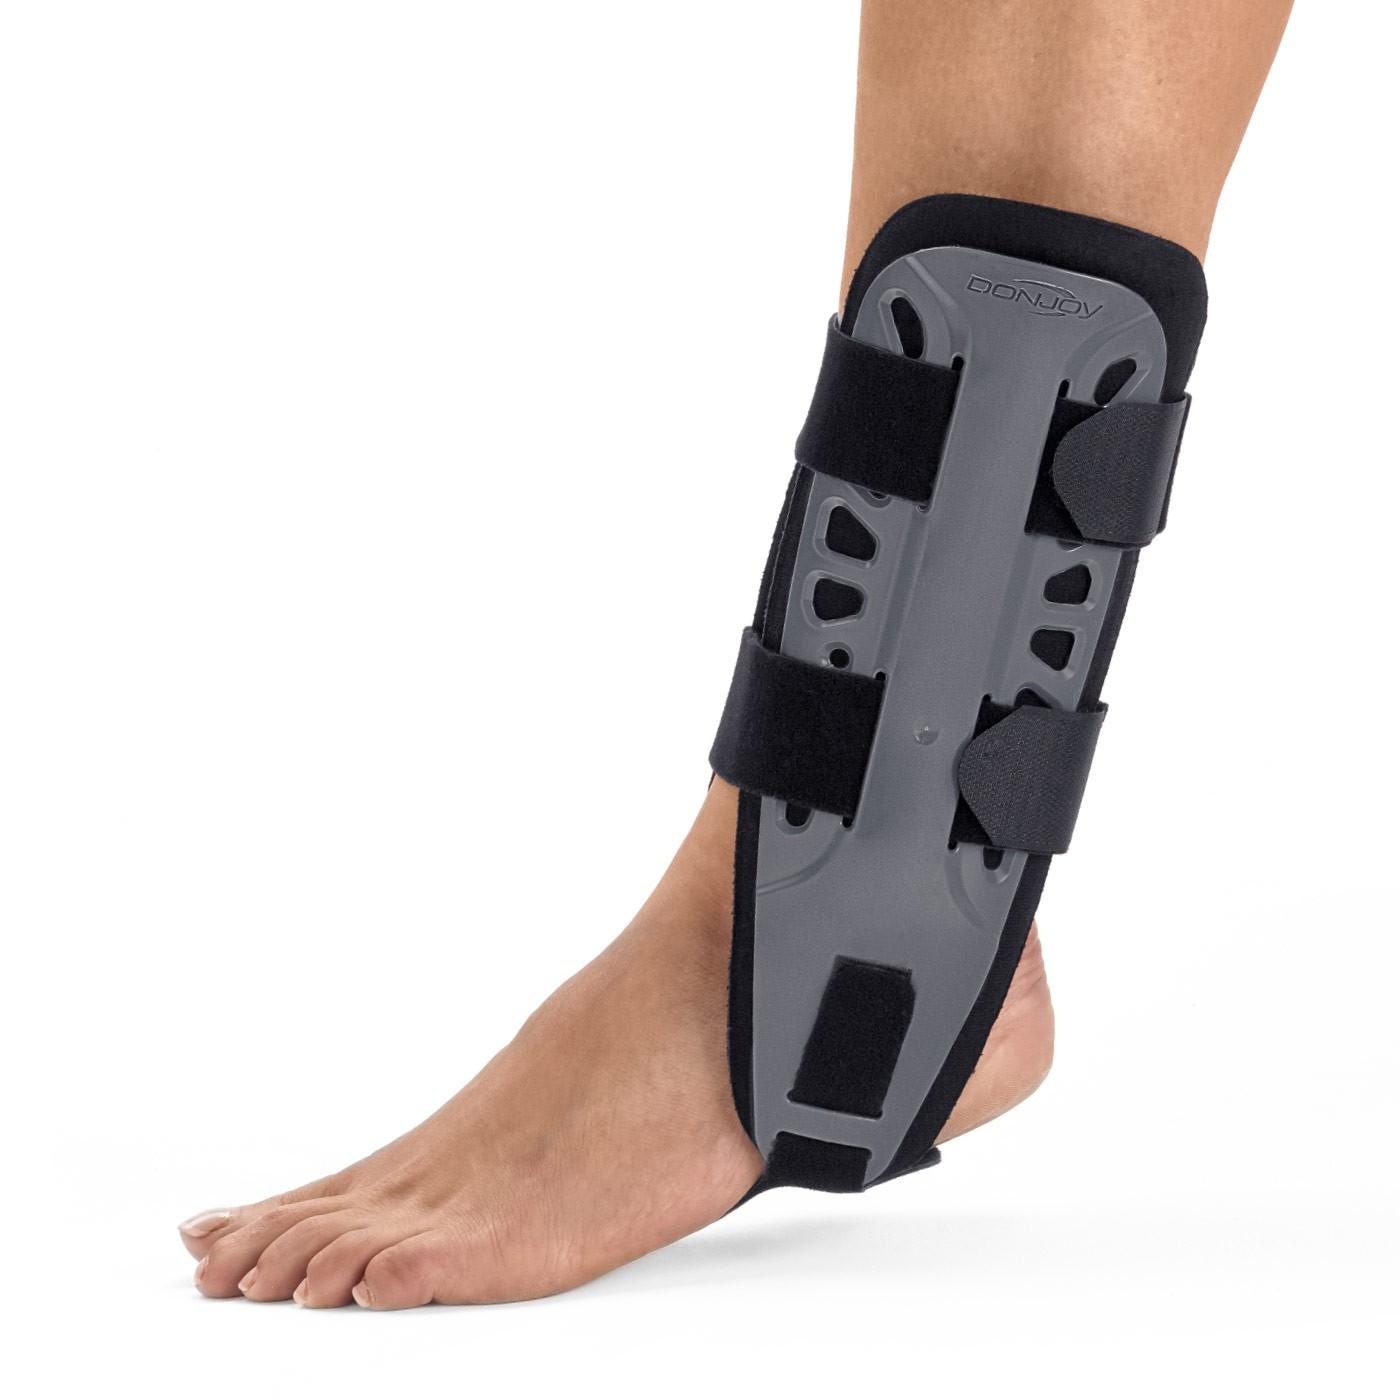 DonJoy Fusiolight Ankle Brace - 1